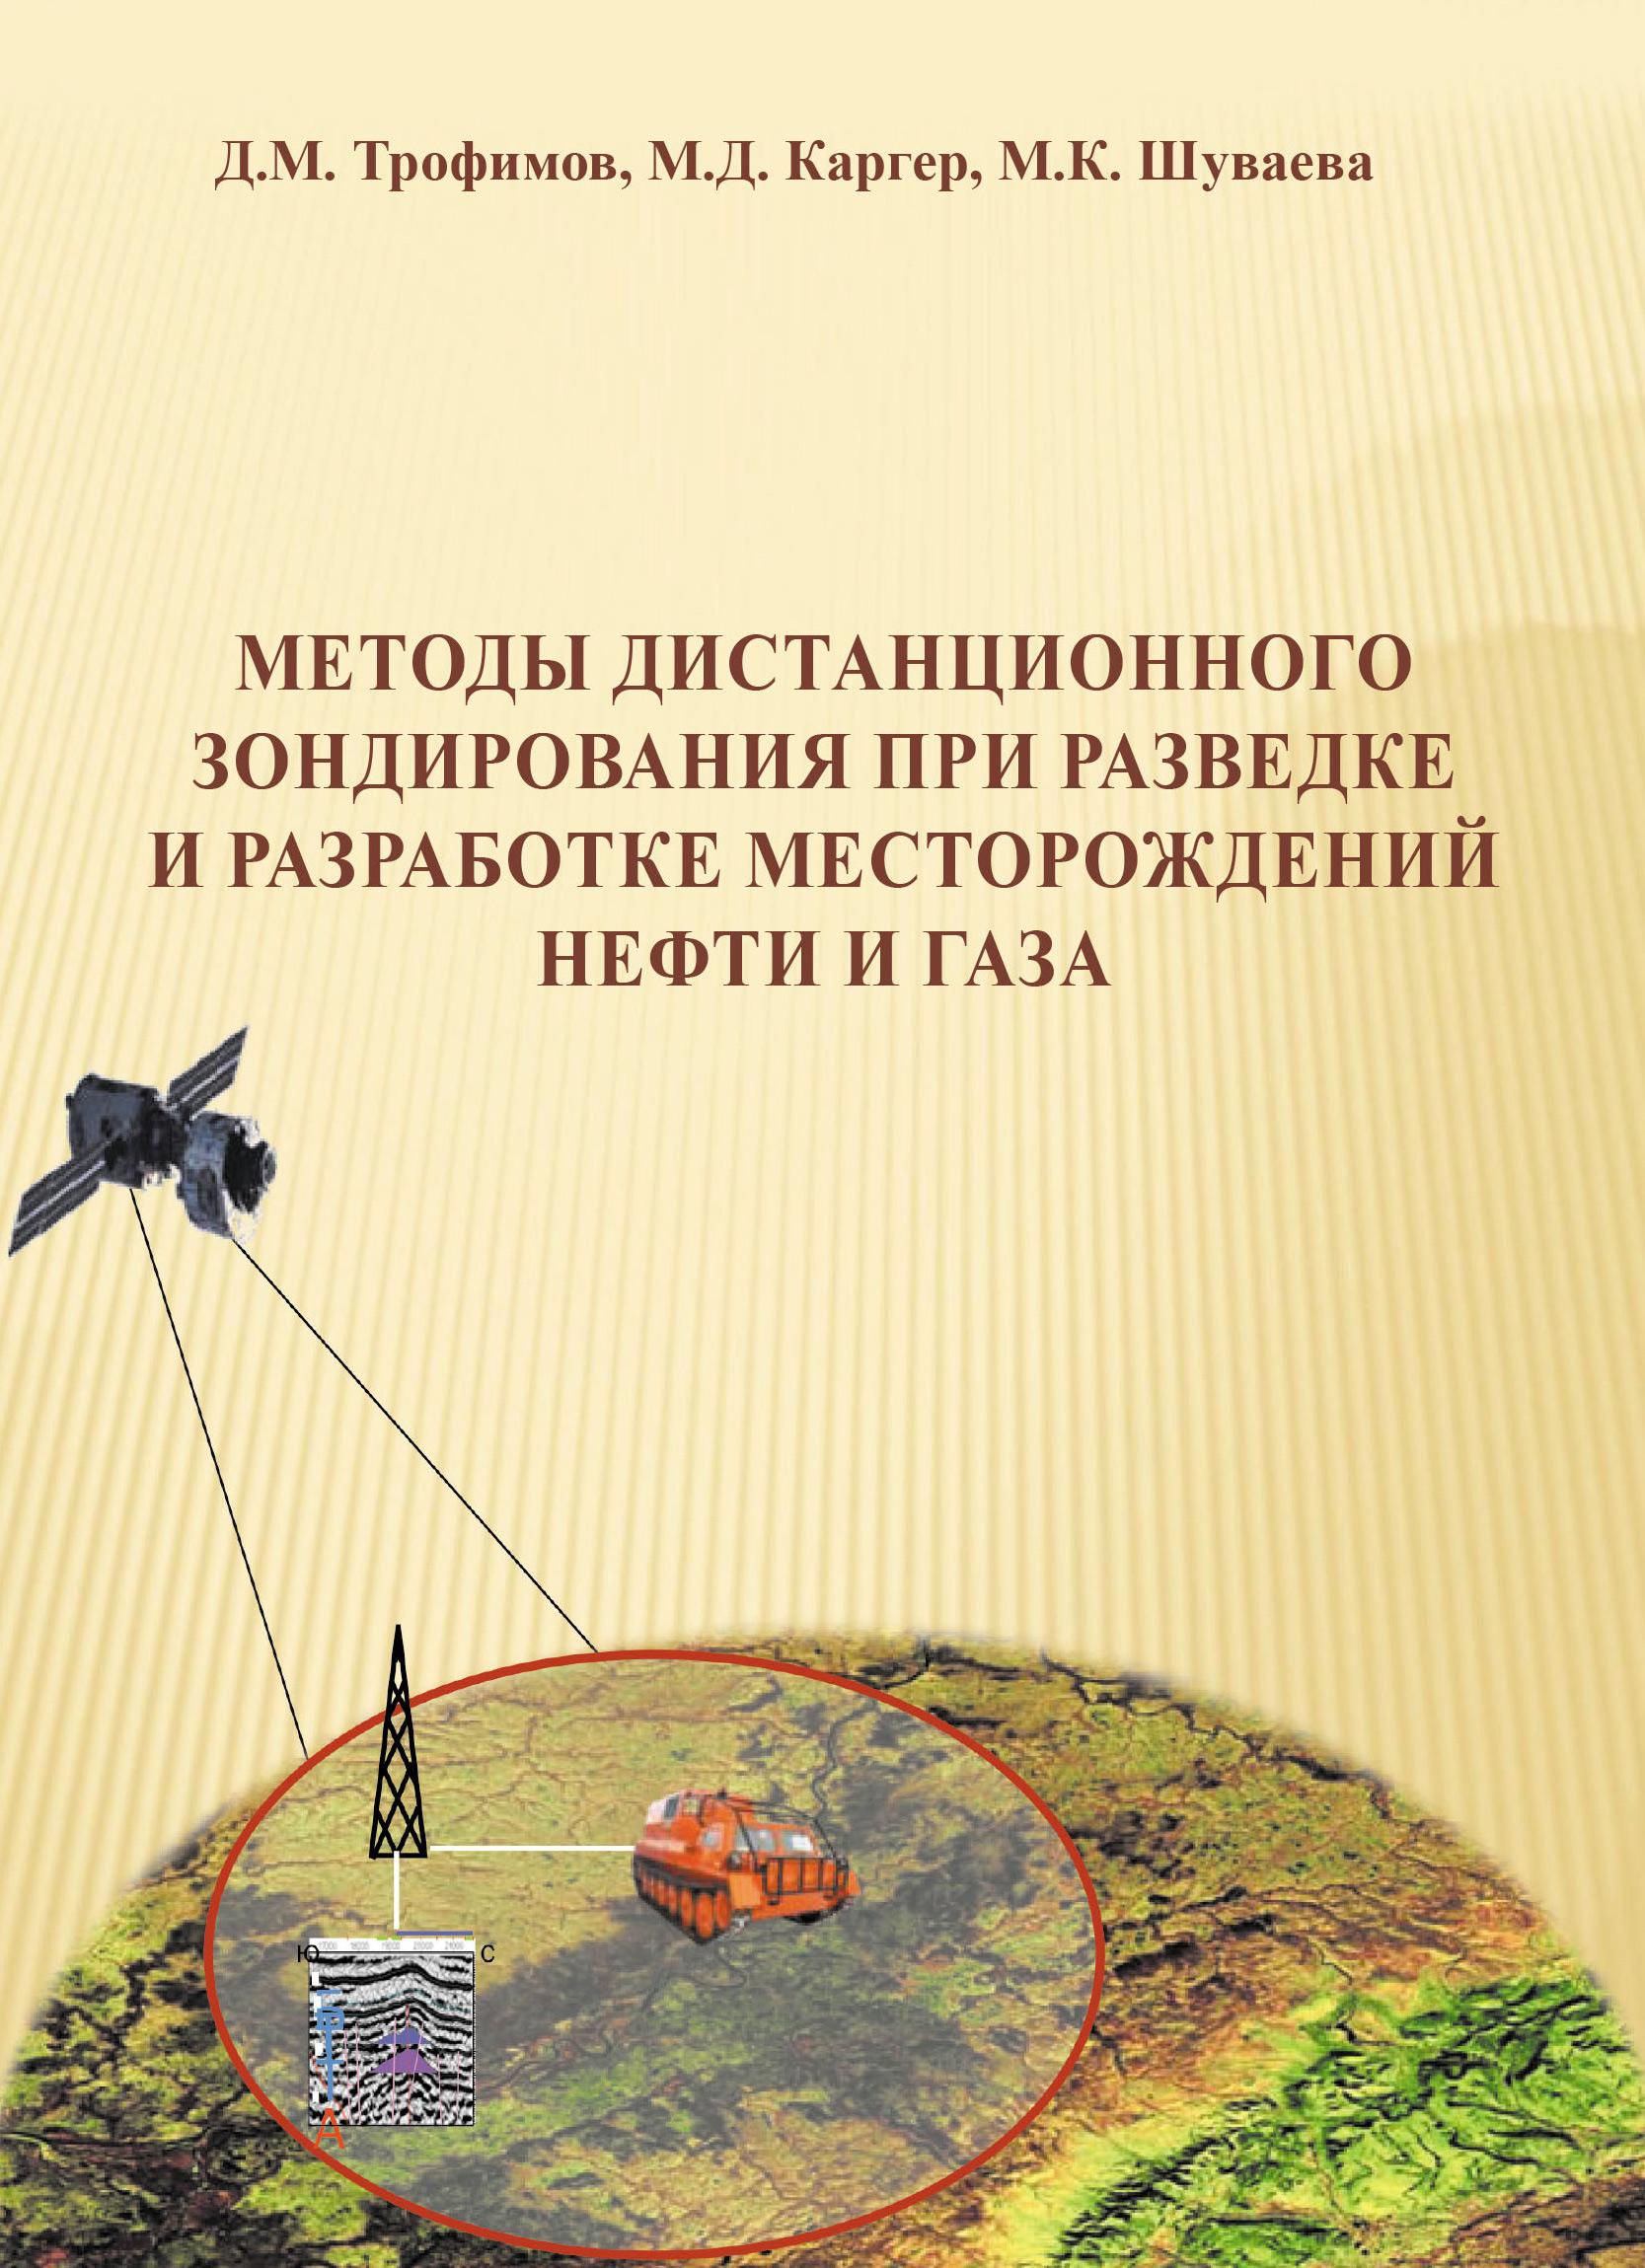 М. Д. Каргер Методы дистанционного зондирования при разведке и разработке месторождений нефти и газа